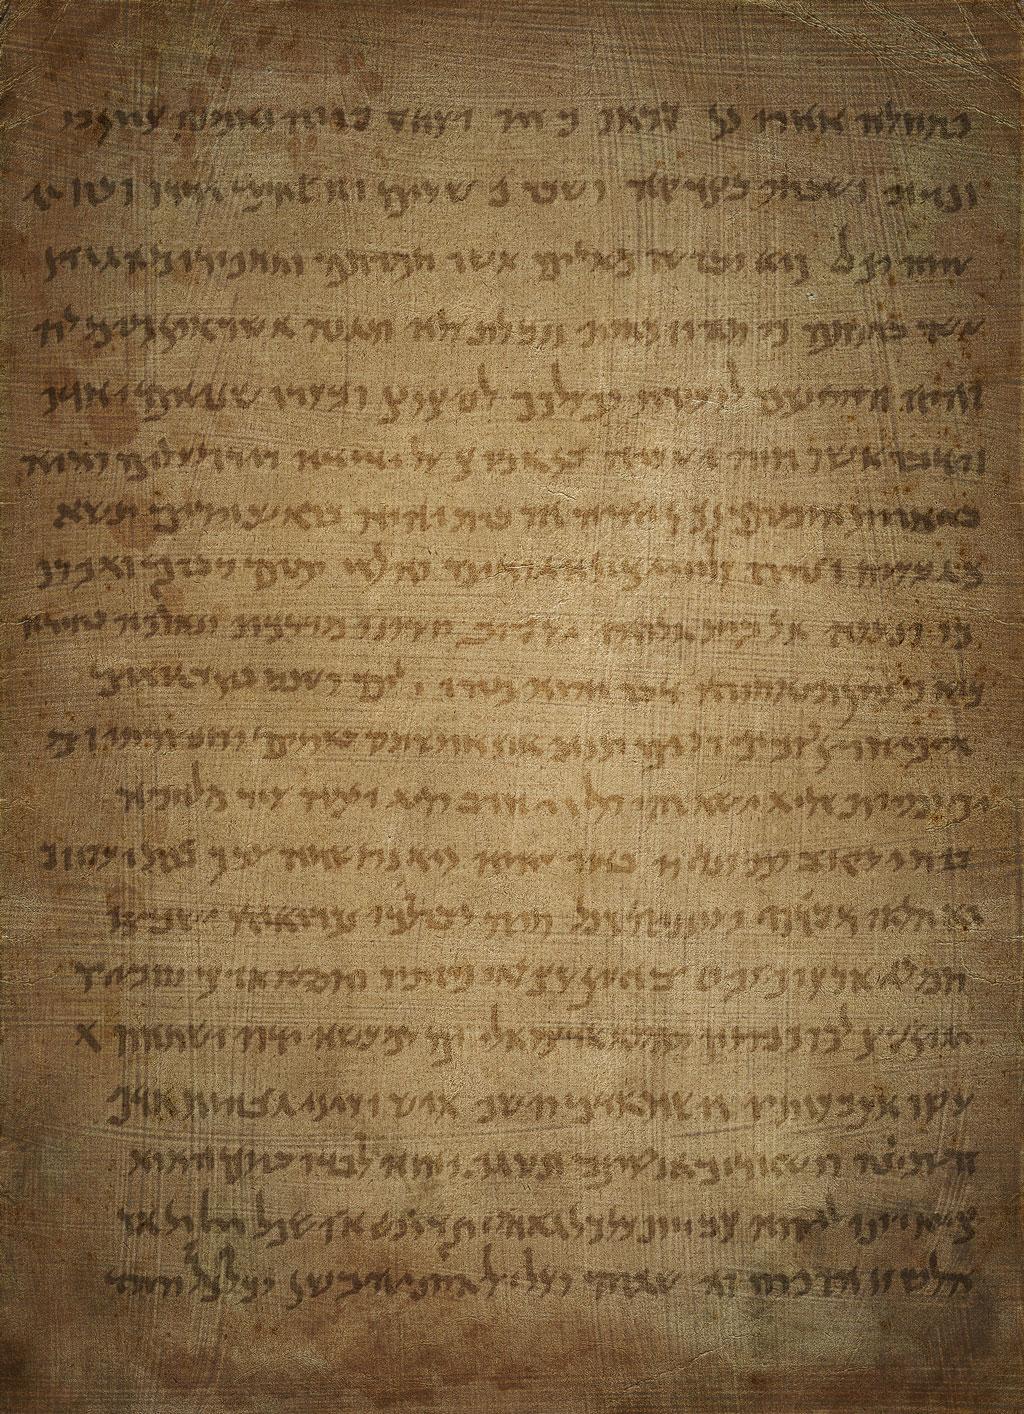 In Welcher Sprache Wurde Die Bibel Geschrieben